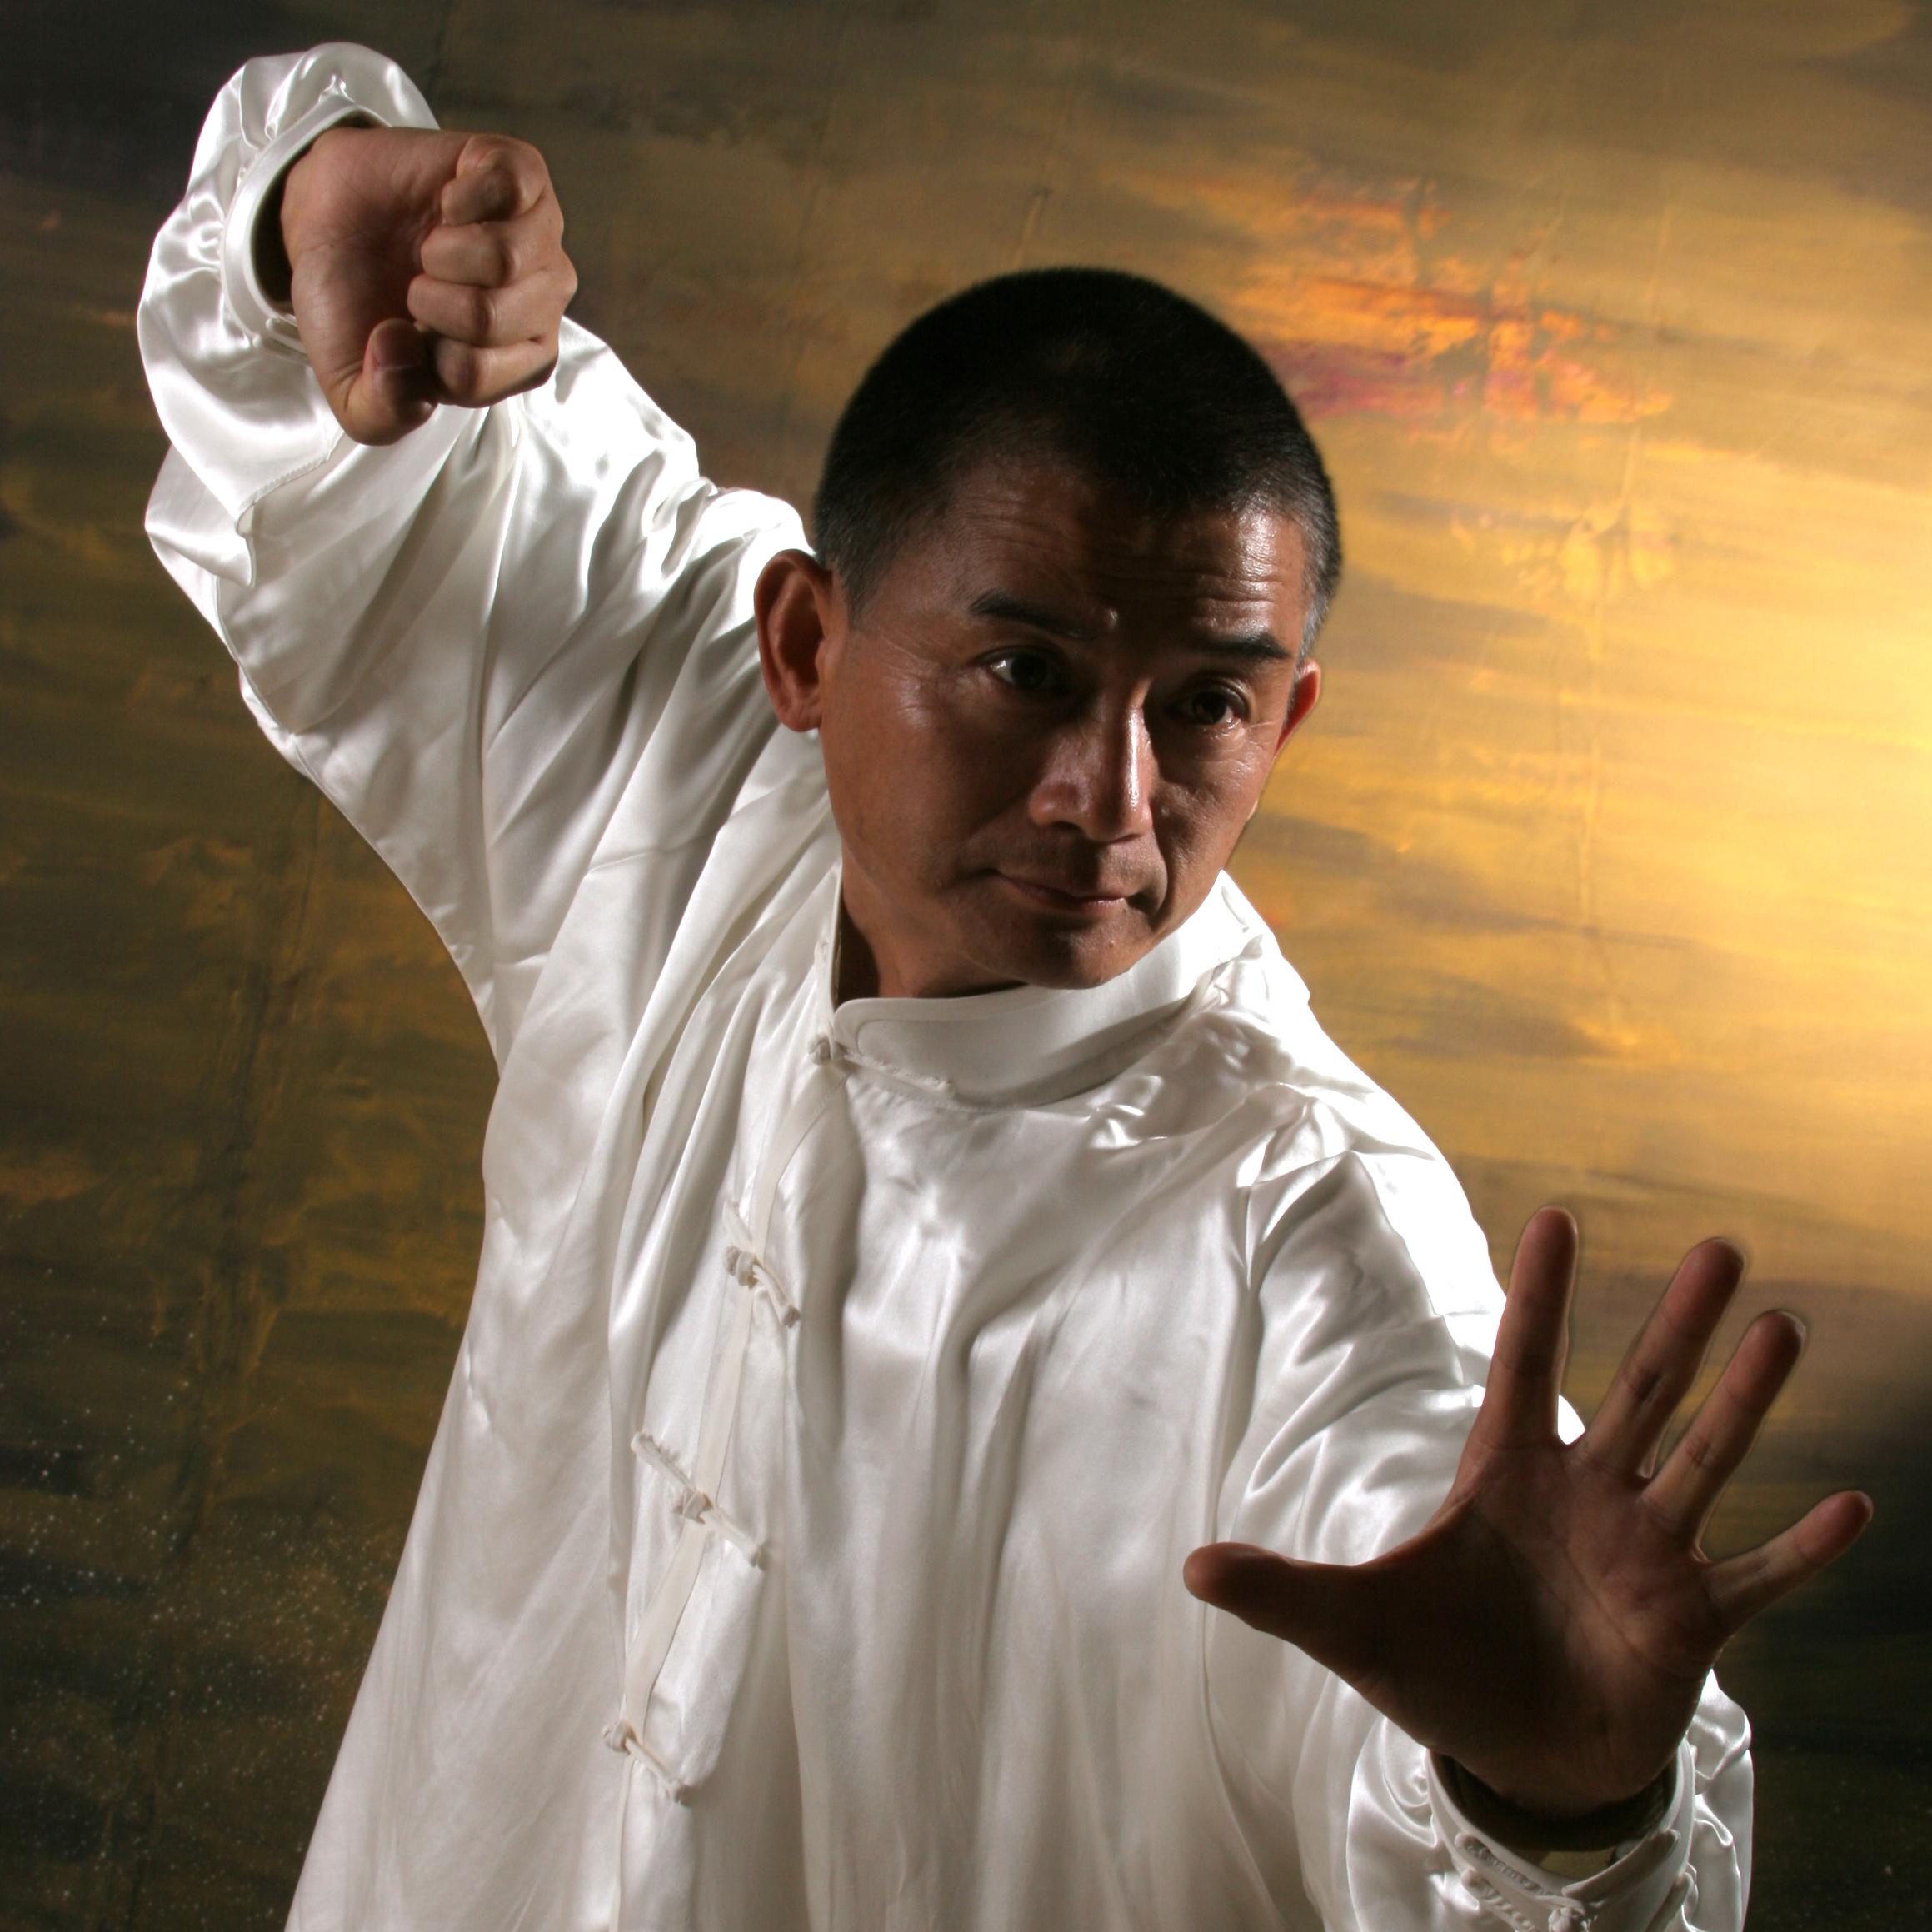 Il maestro Wang pratica